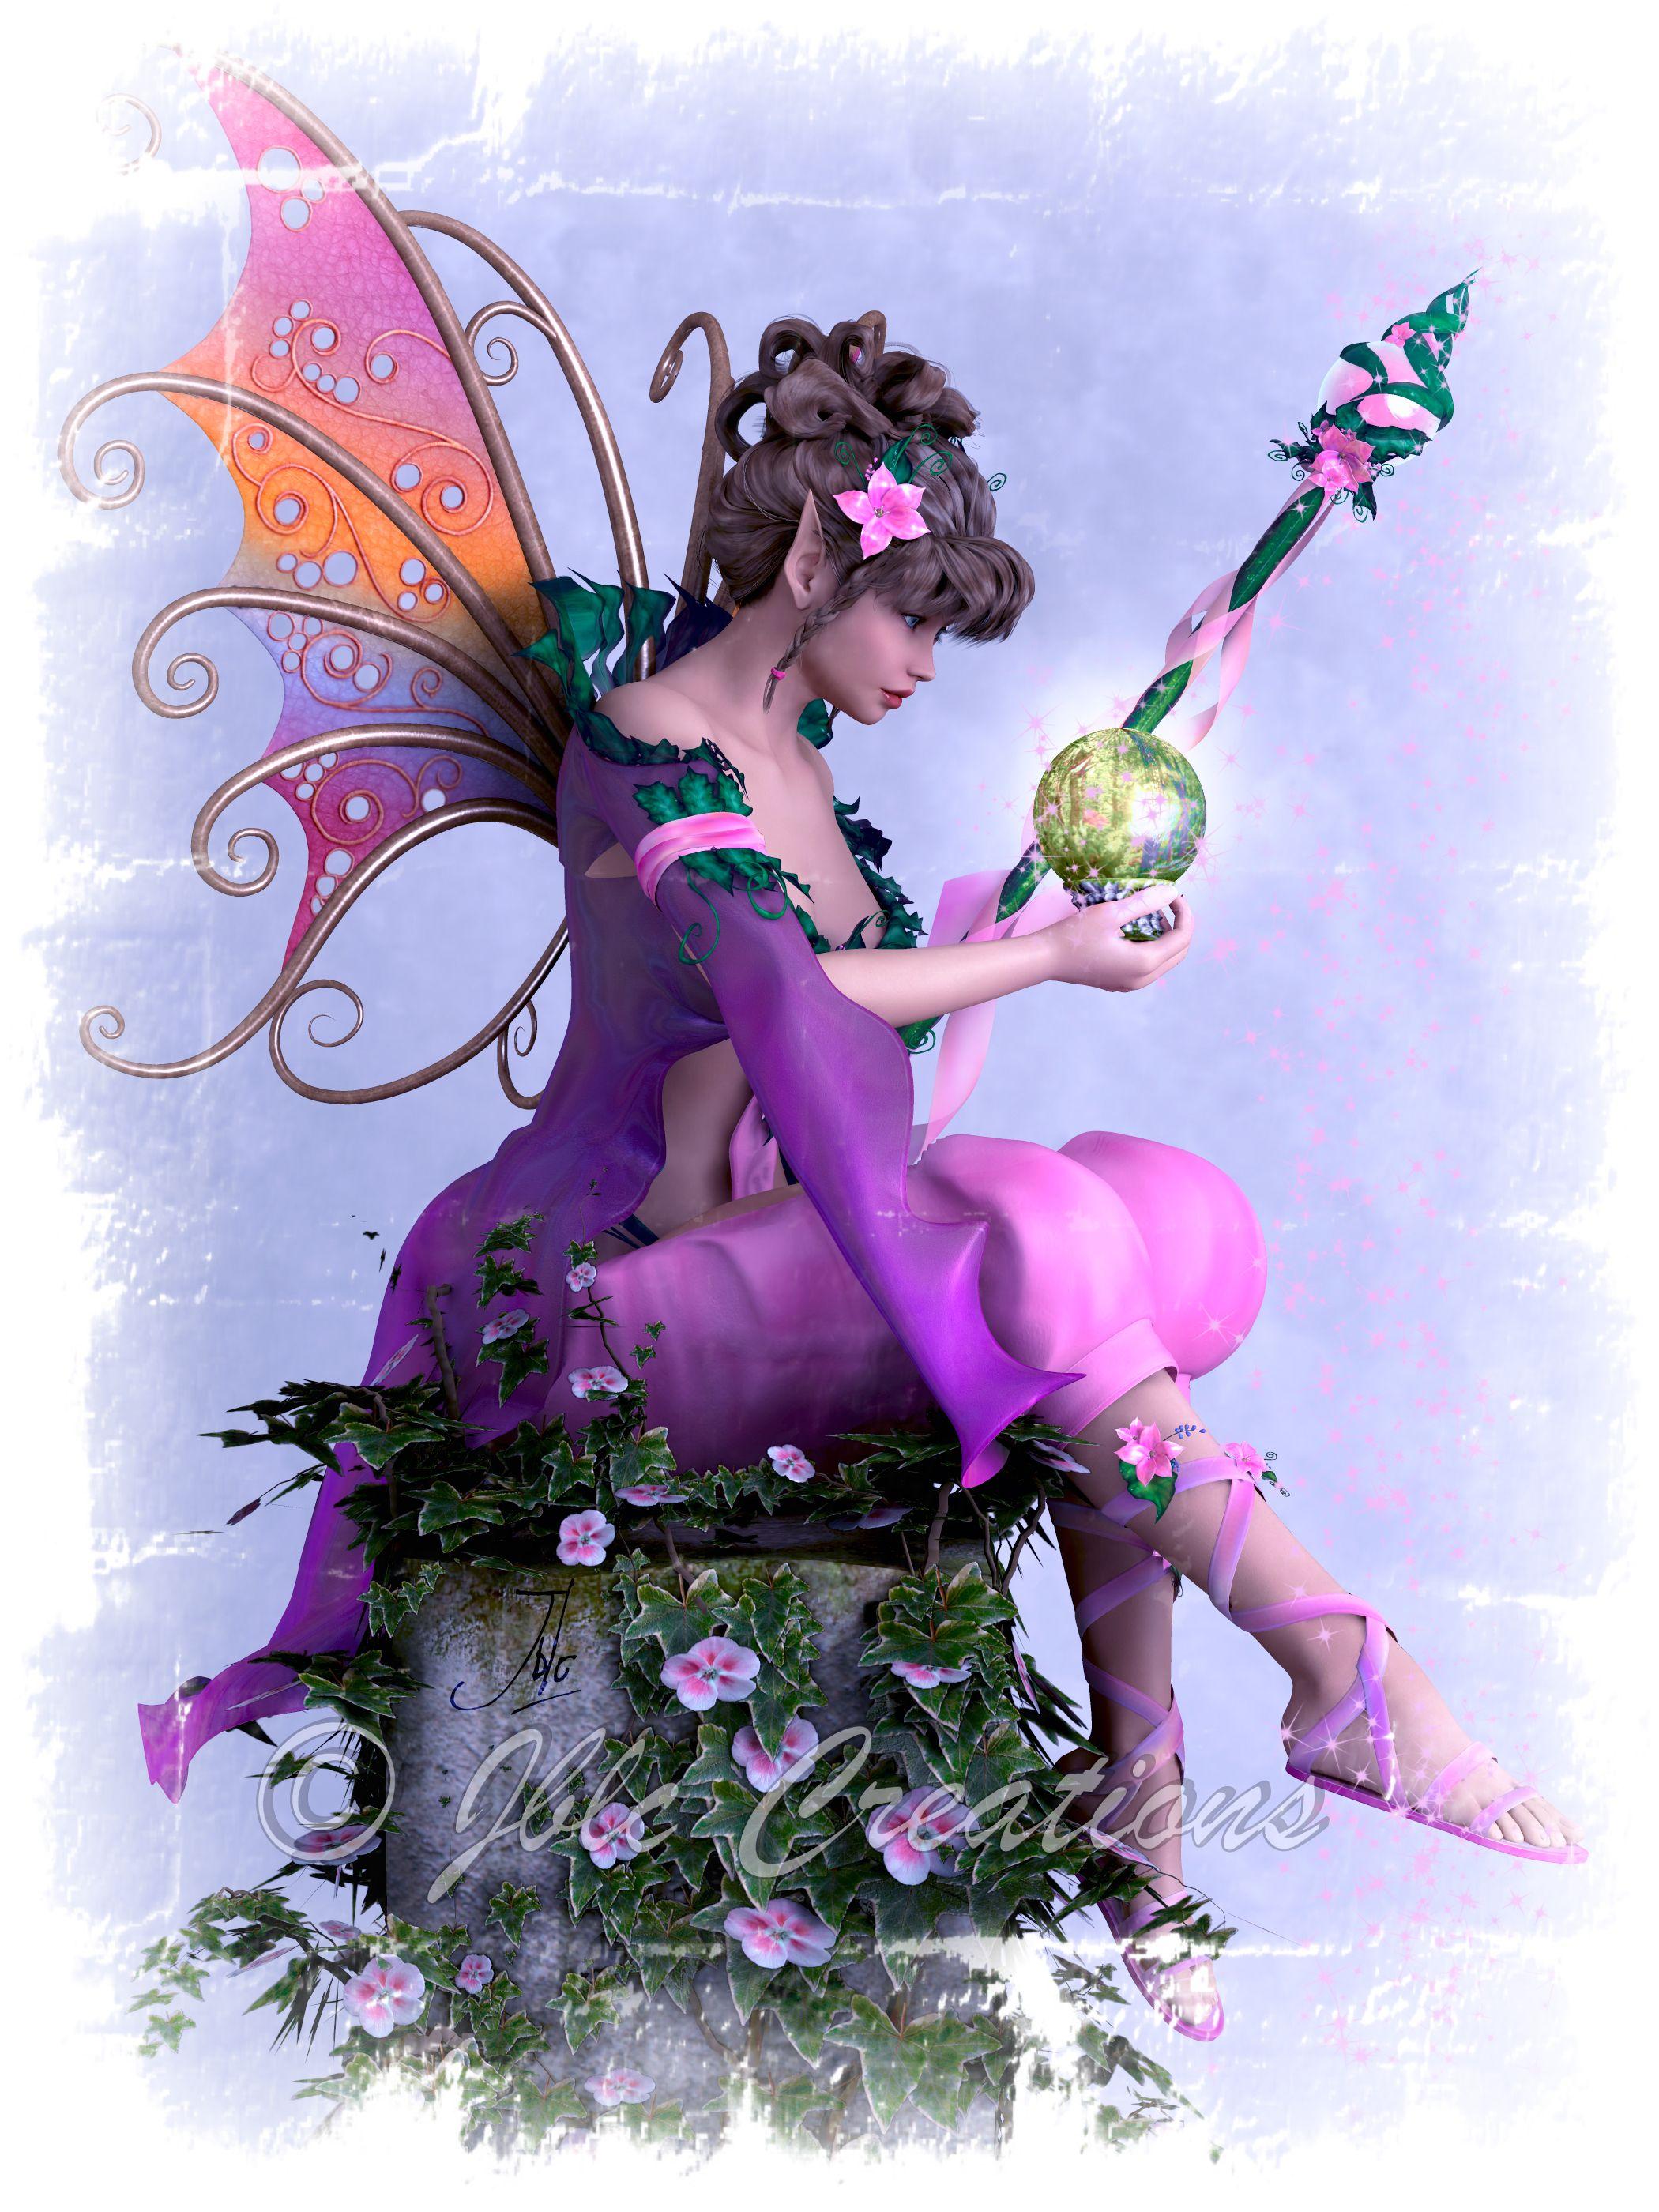 редкие картинки с феями и эльфами нее идеальное тело